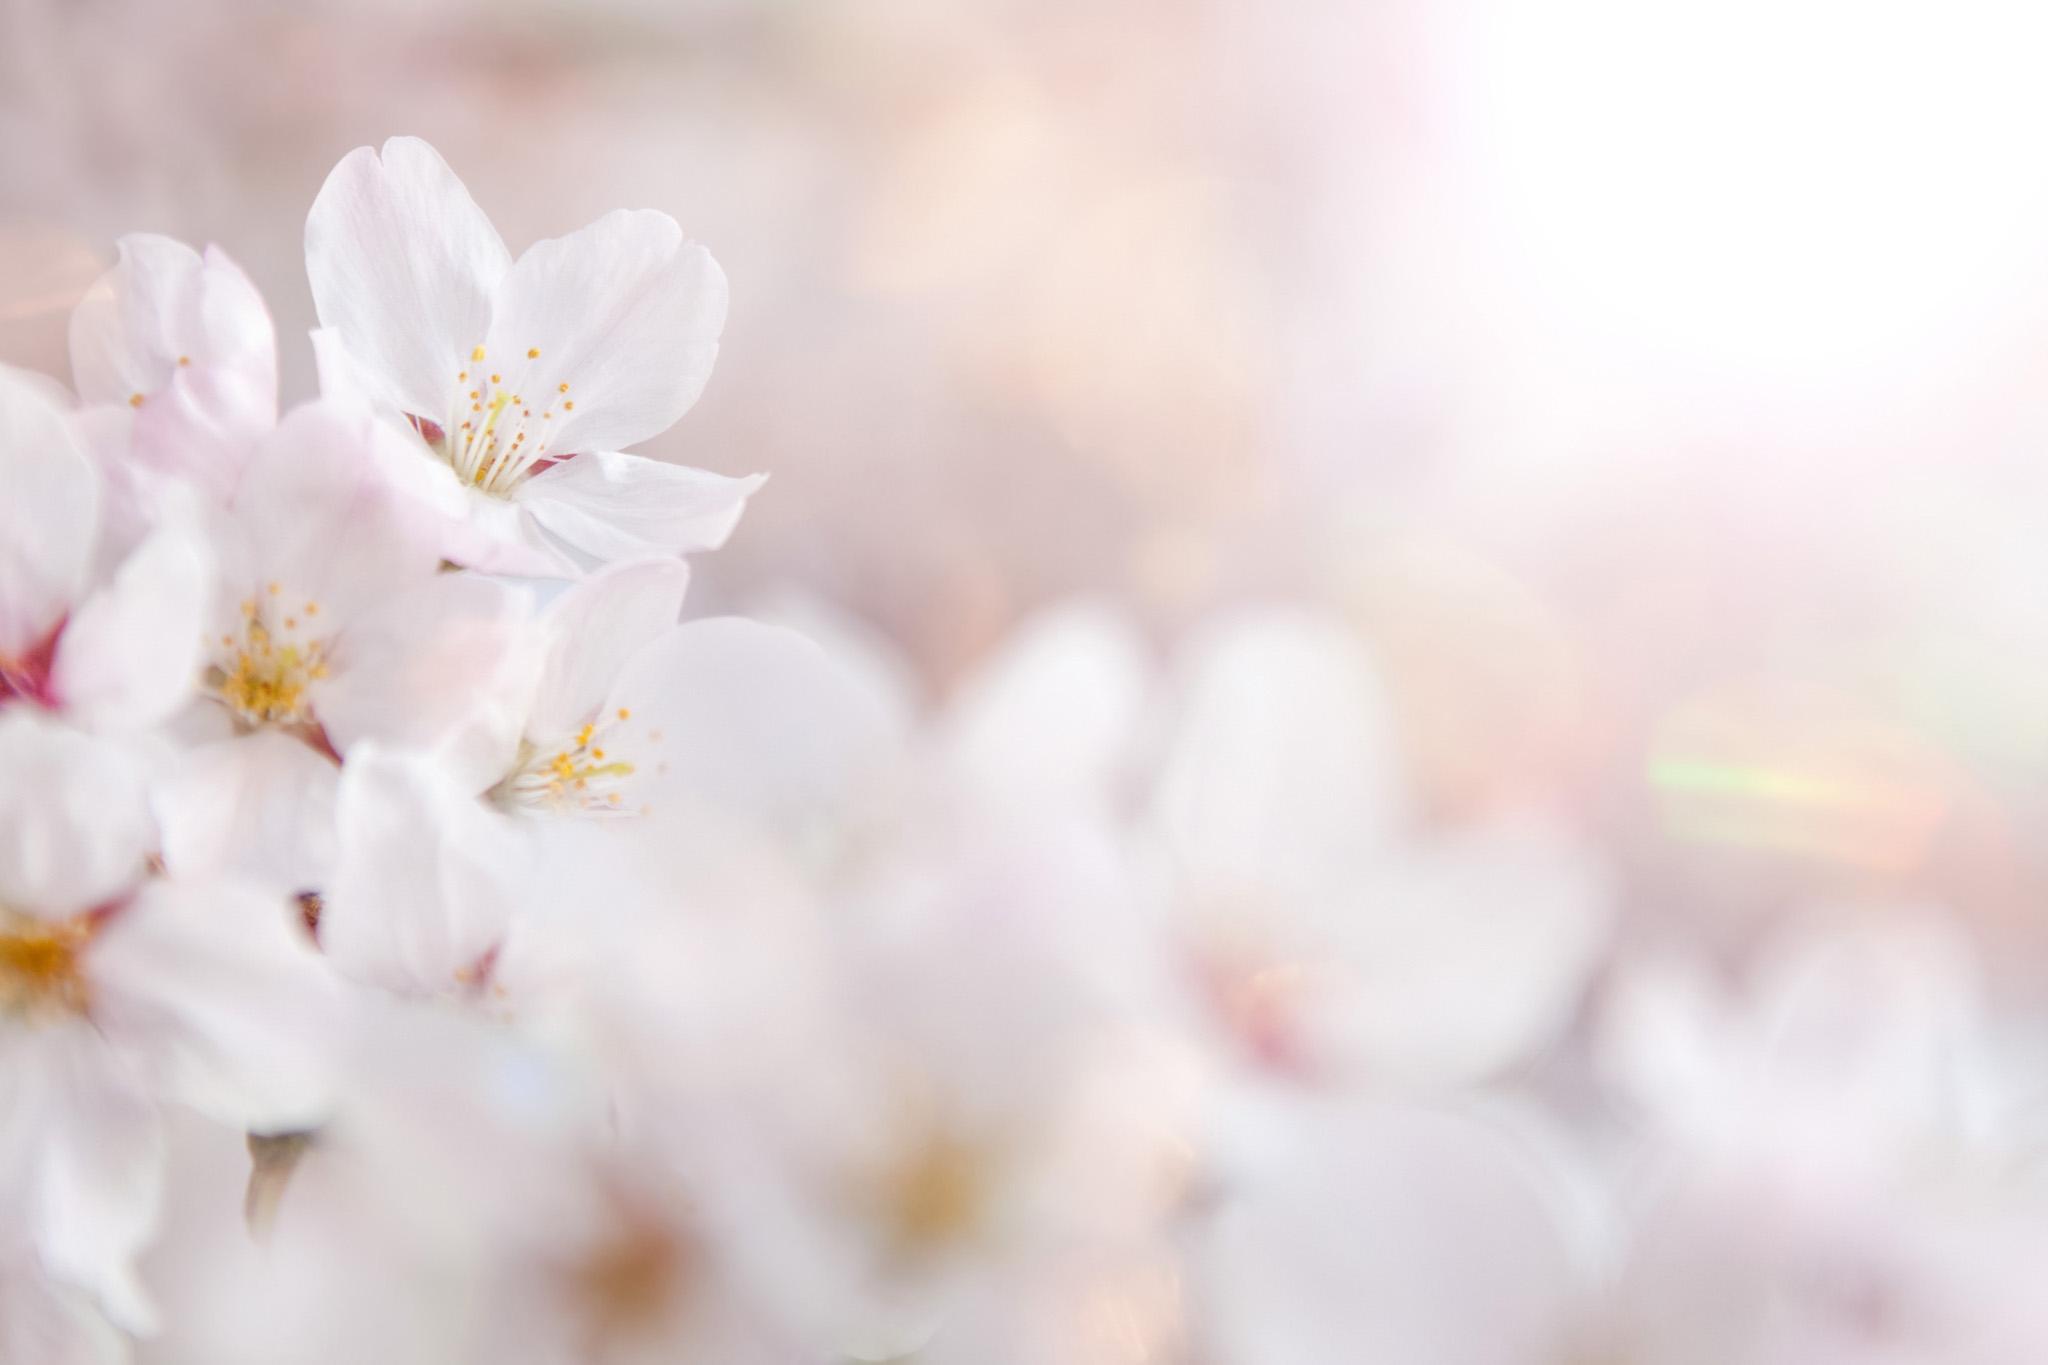 「桜の花びらを照らす春の太陽」